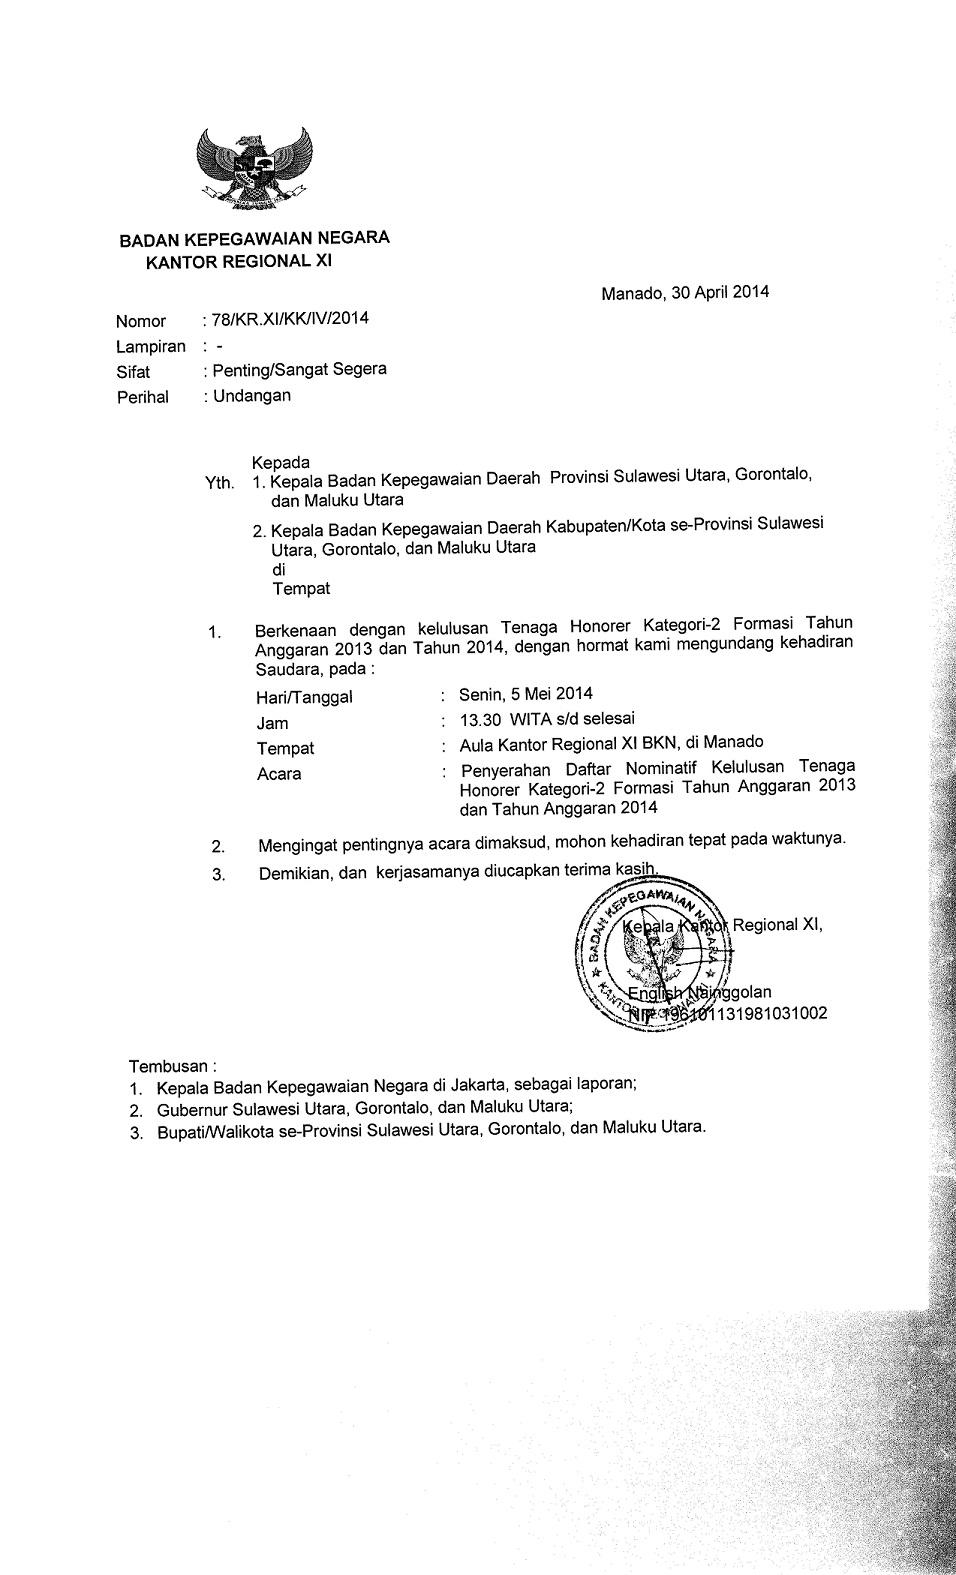 Surat undangan Penyerahan Daftar Nominatif TH K2 Formasi Tahun Anggaran 2013 dan 2014